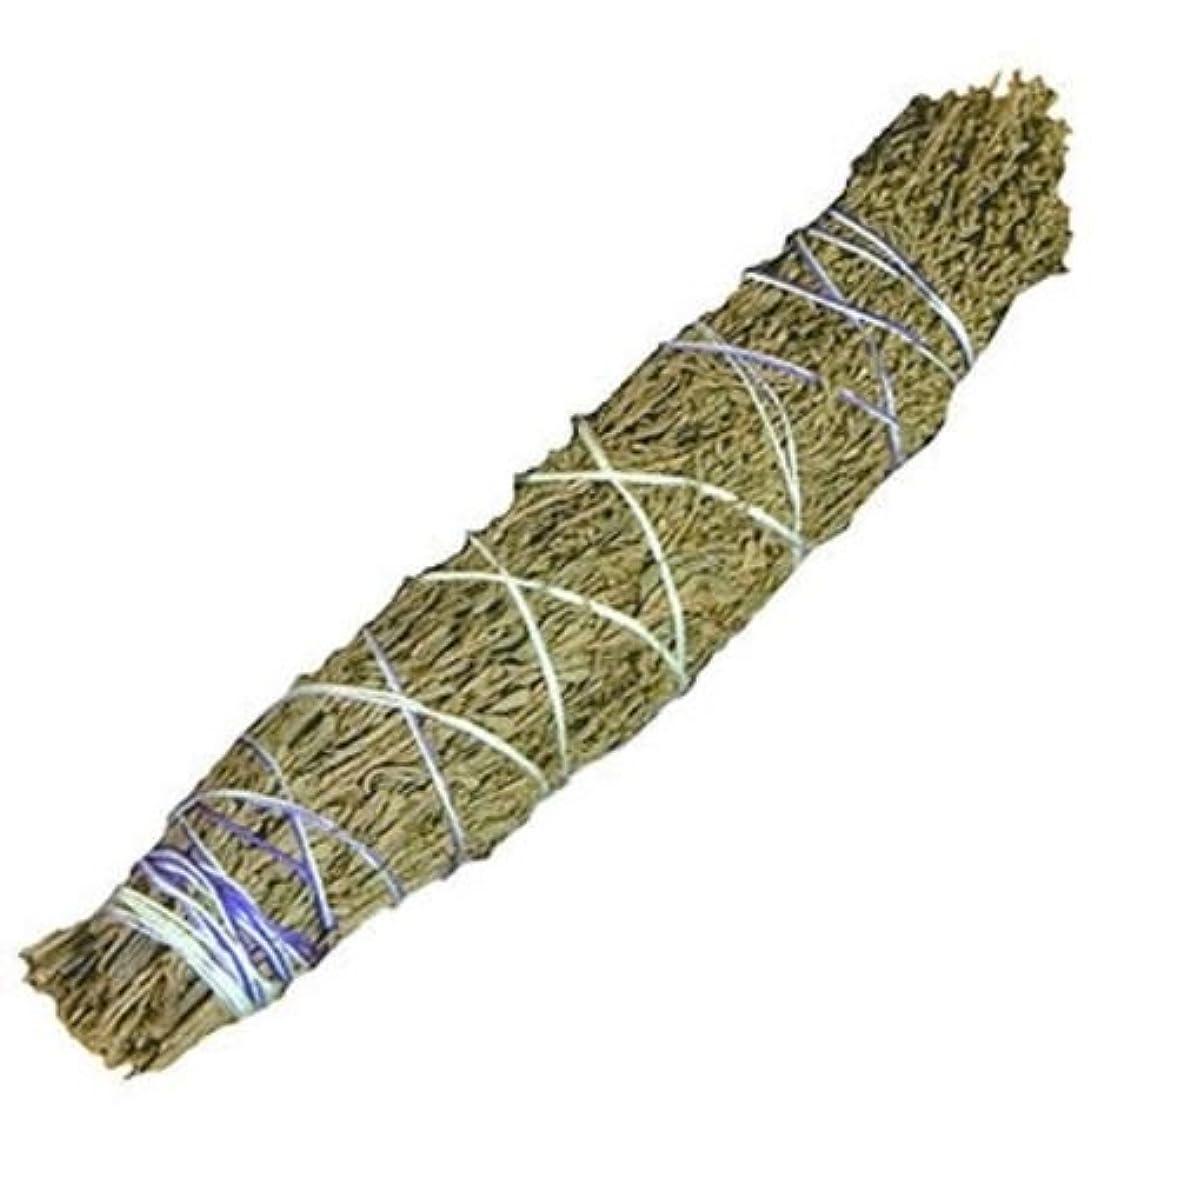 噛むユーモラス建設2つSmudge sticks-ラベンダー&セージ、植物